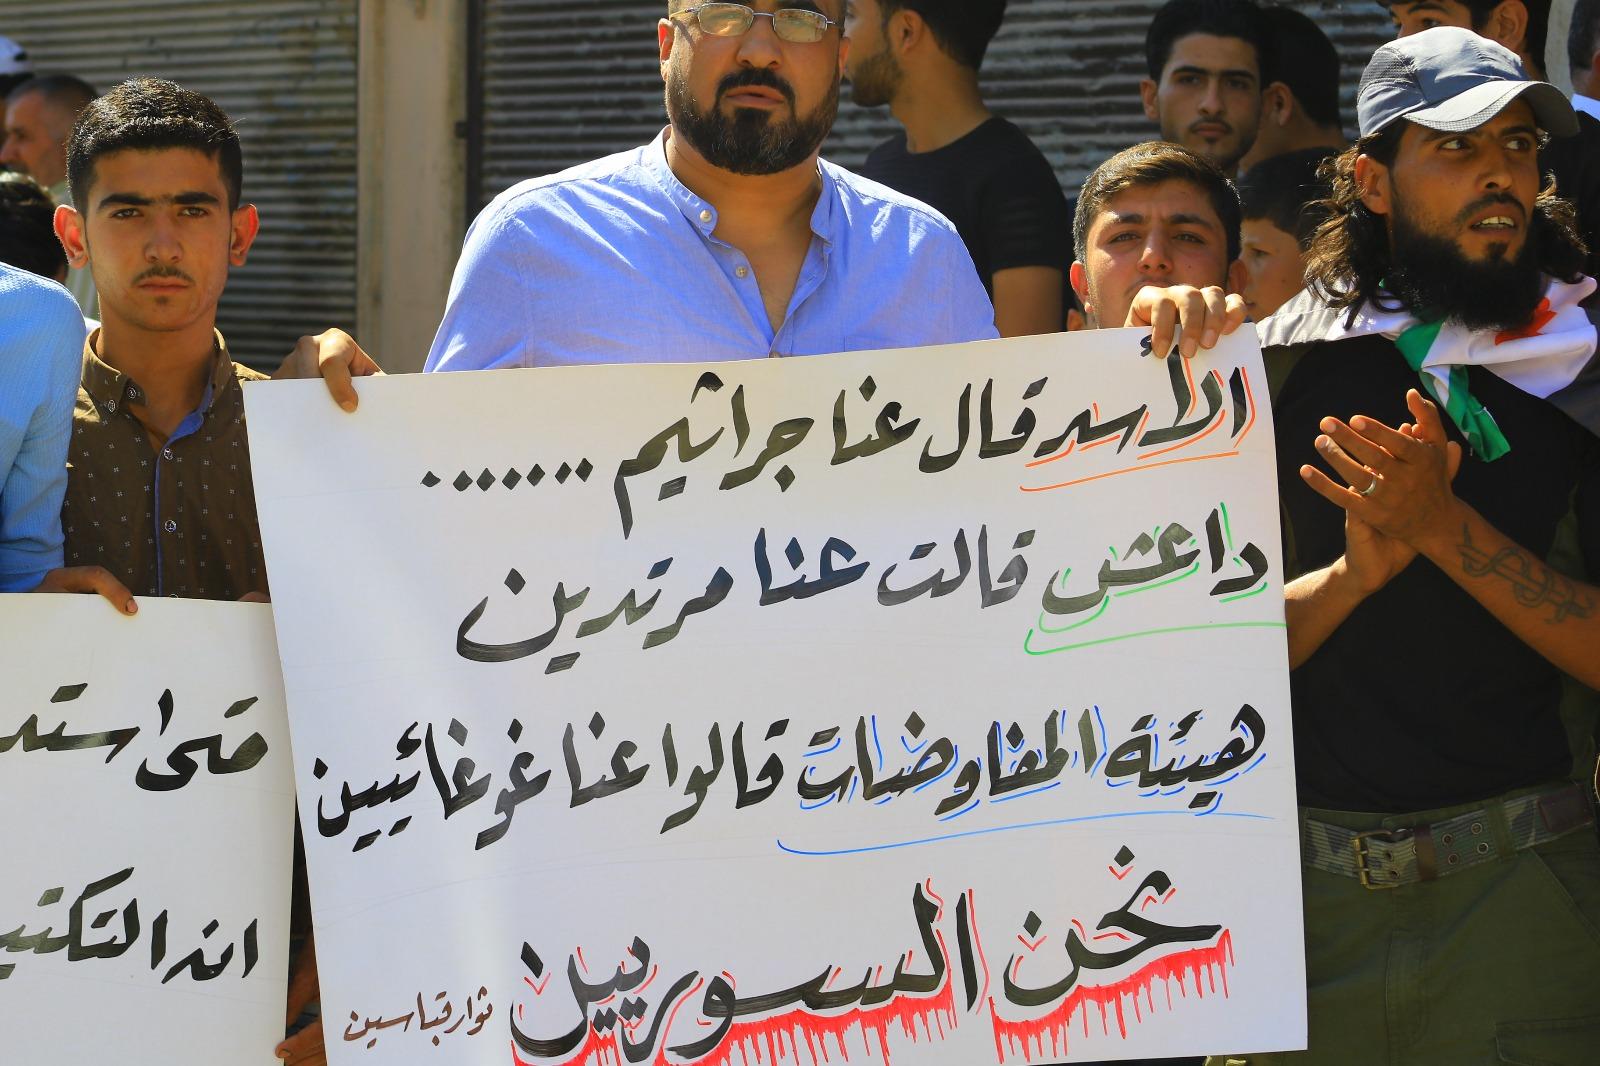 صورة لماذا قال السوريين: هيئة التفاوض لا تمثلنا؟